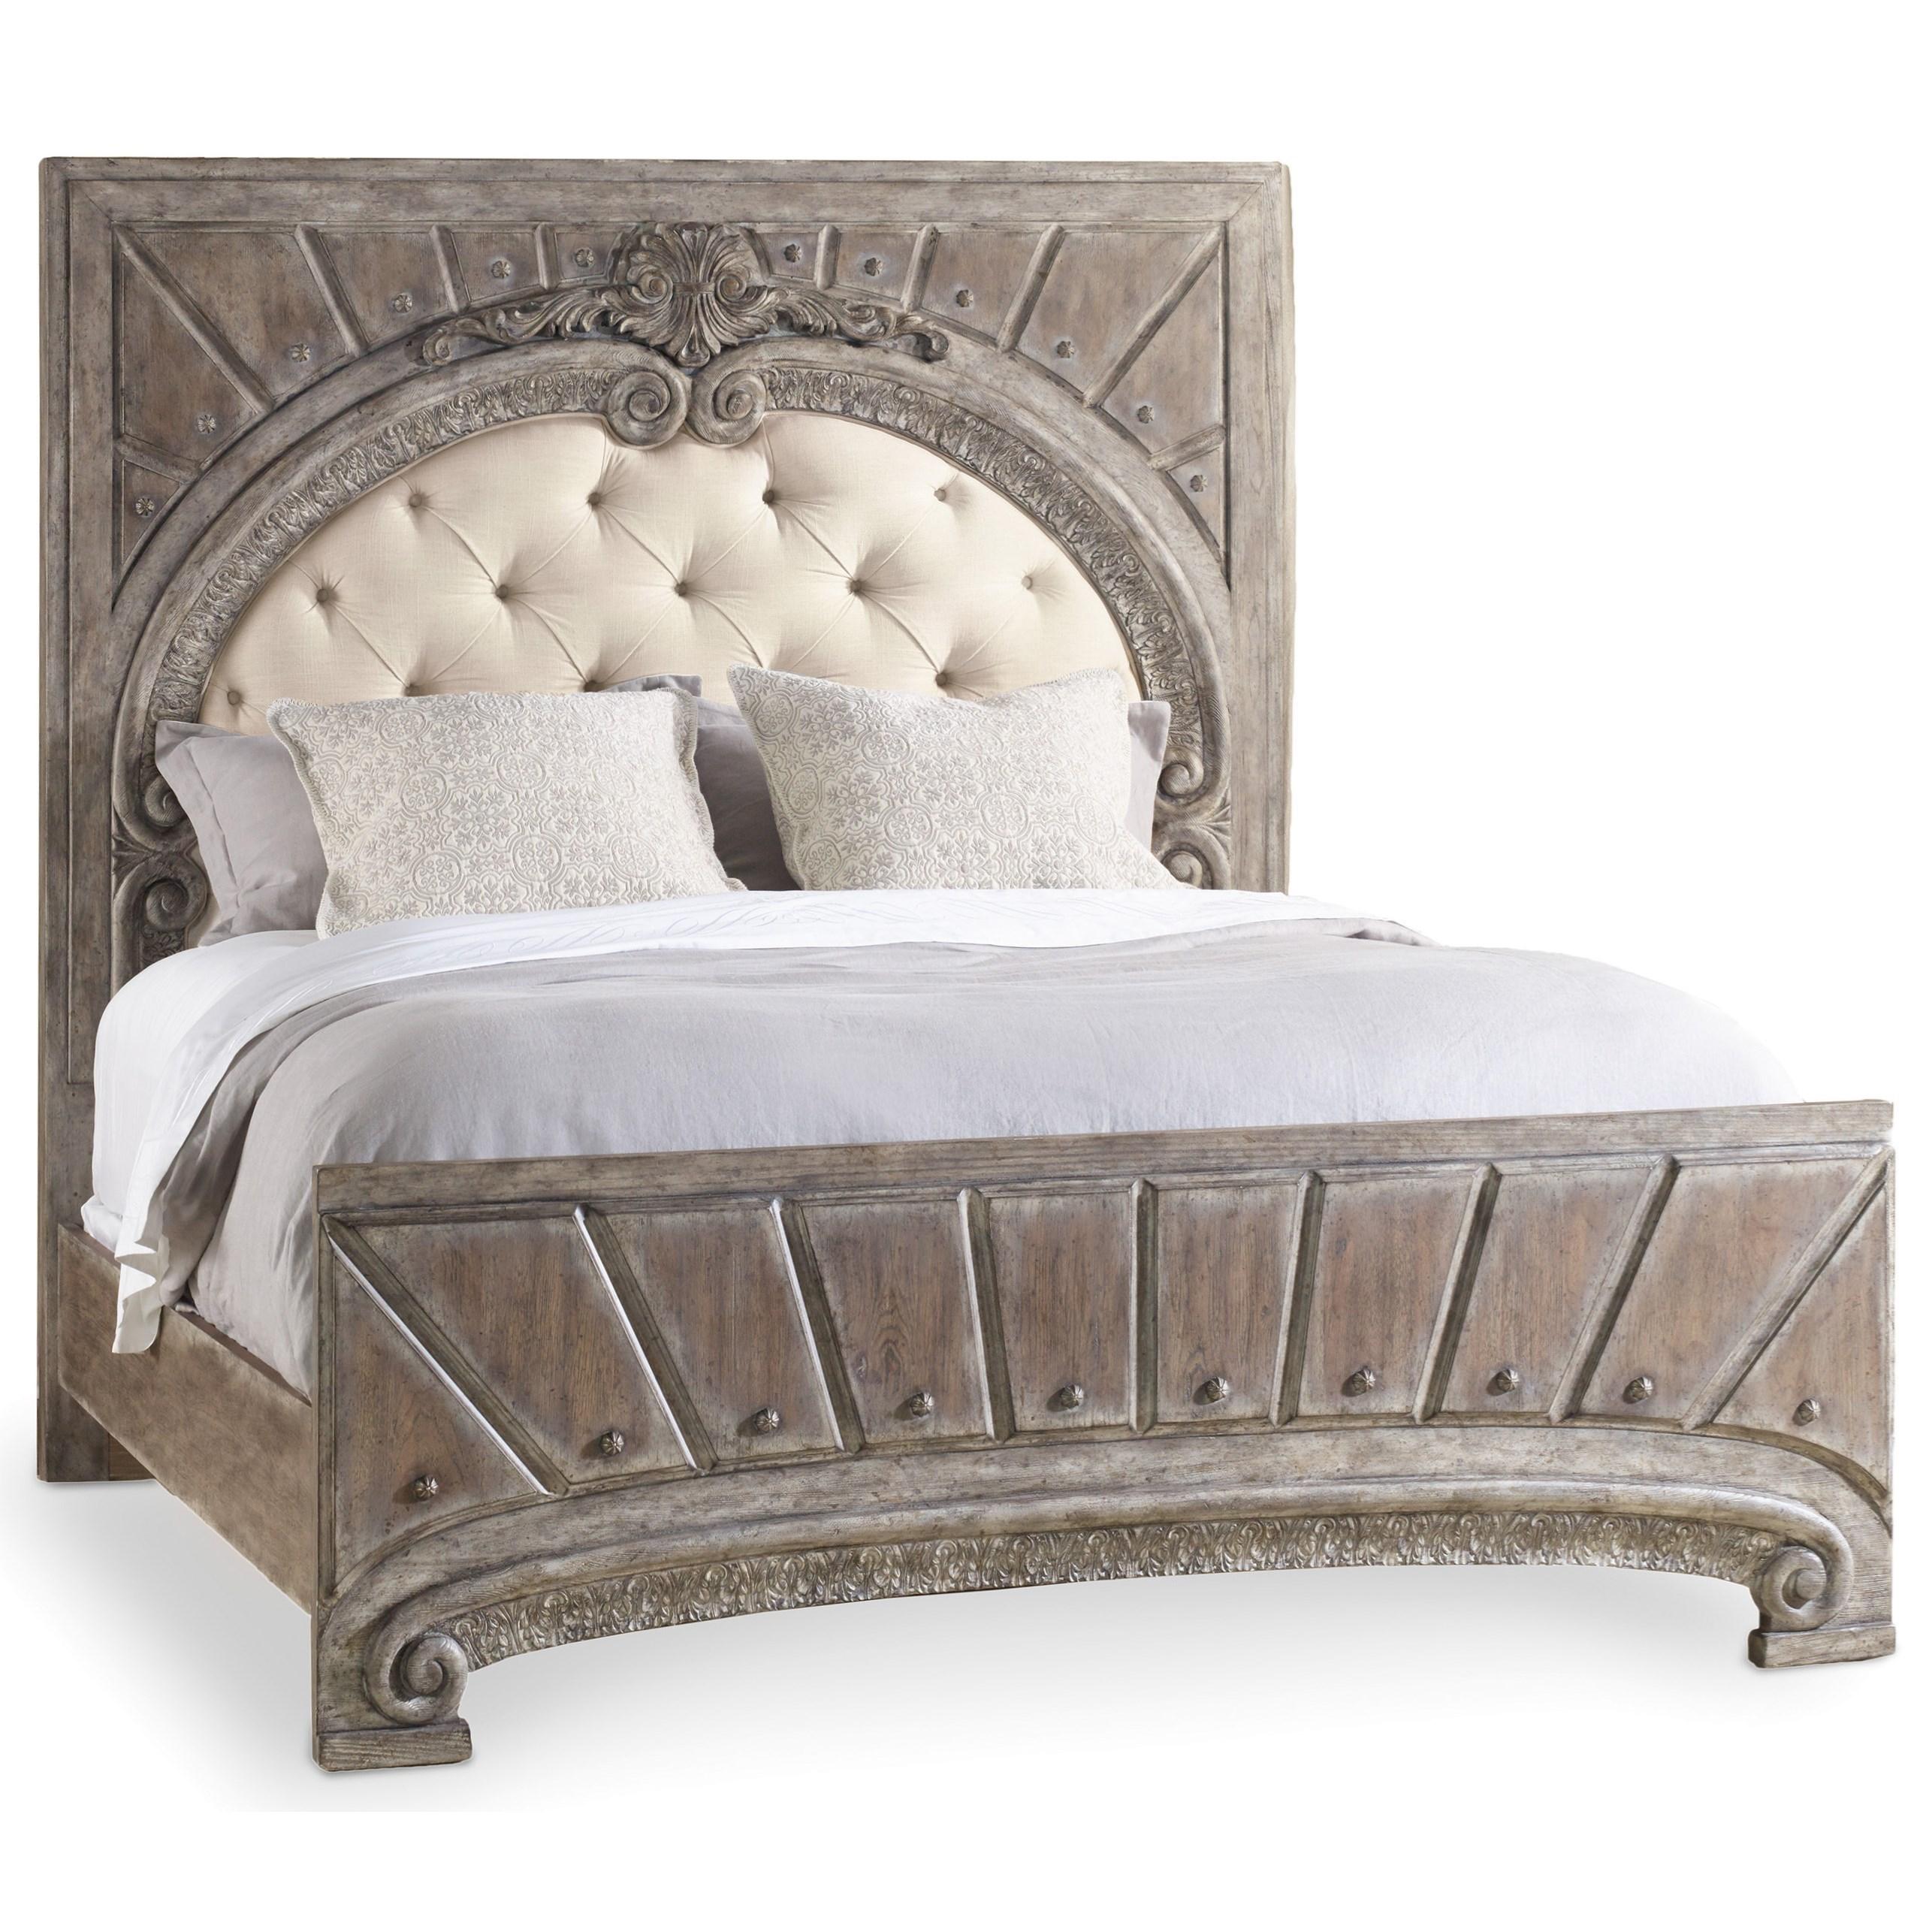 Hooker Furniture True Vintage King Upholstered Panel Bed - Item Number: 5701-90866